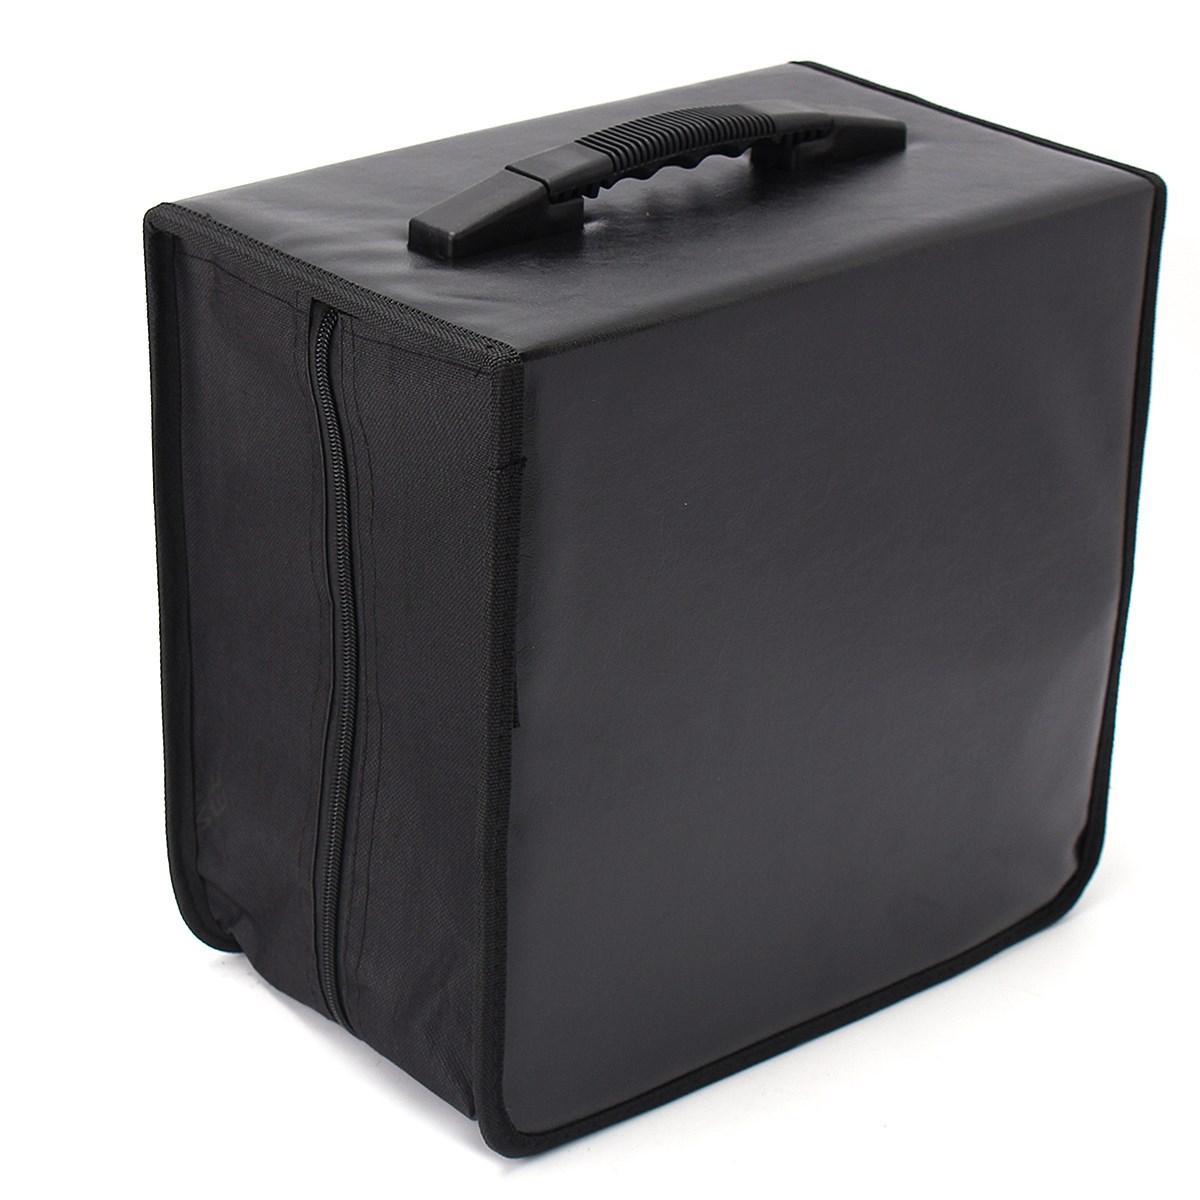 Оптовая торговля-карманный 520 DVD кошелек сумка для хранения кейс организатор медиа-продукты Черный искусственная кожа диски ящик для хранения аксессуары